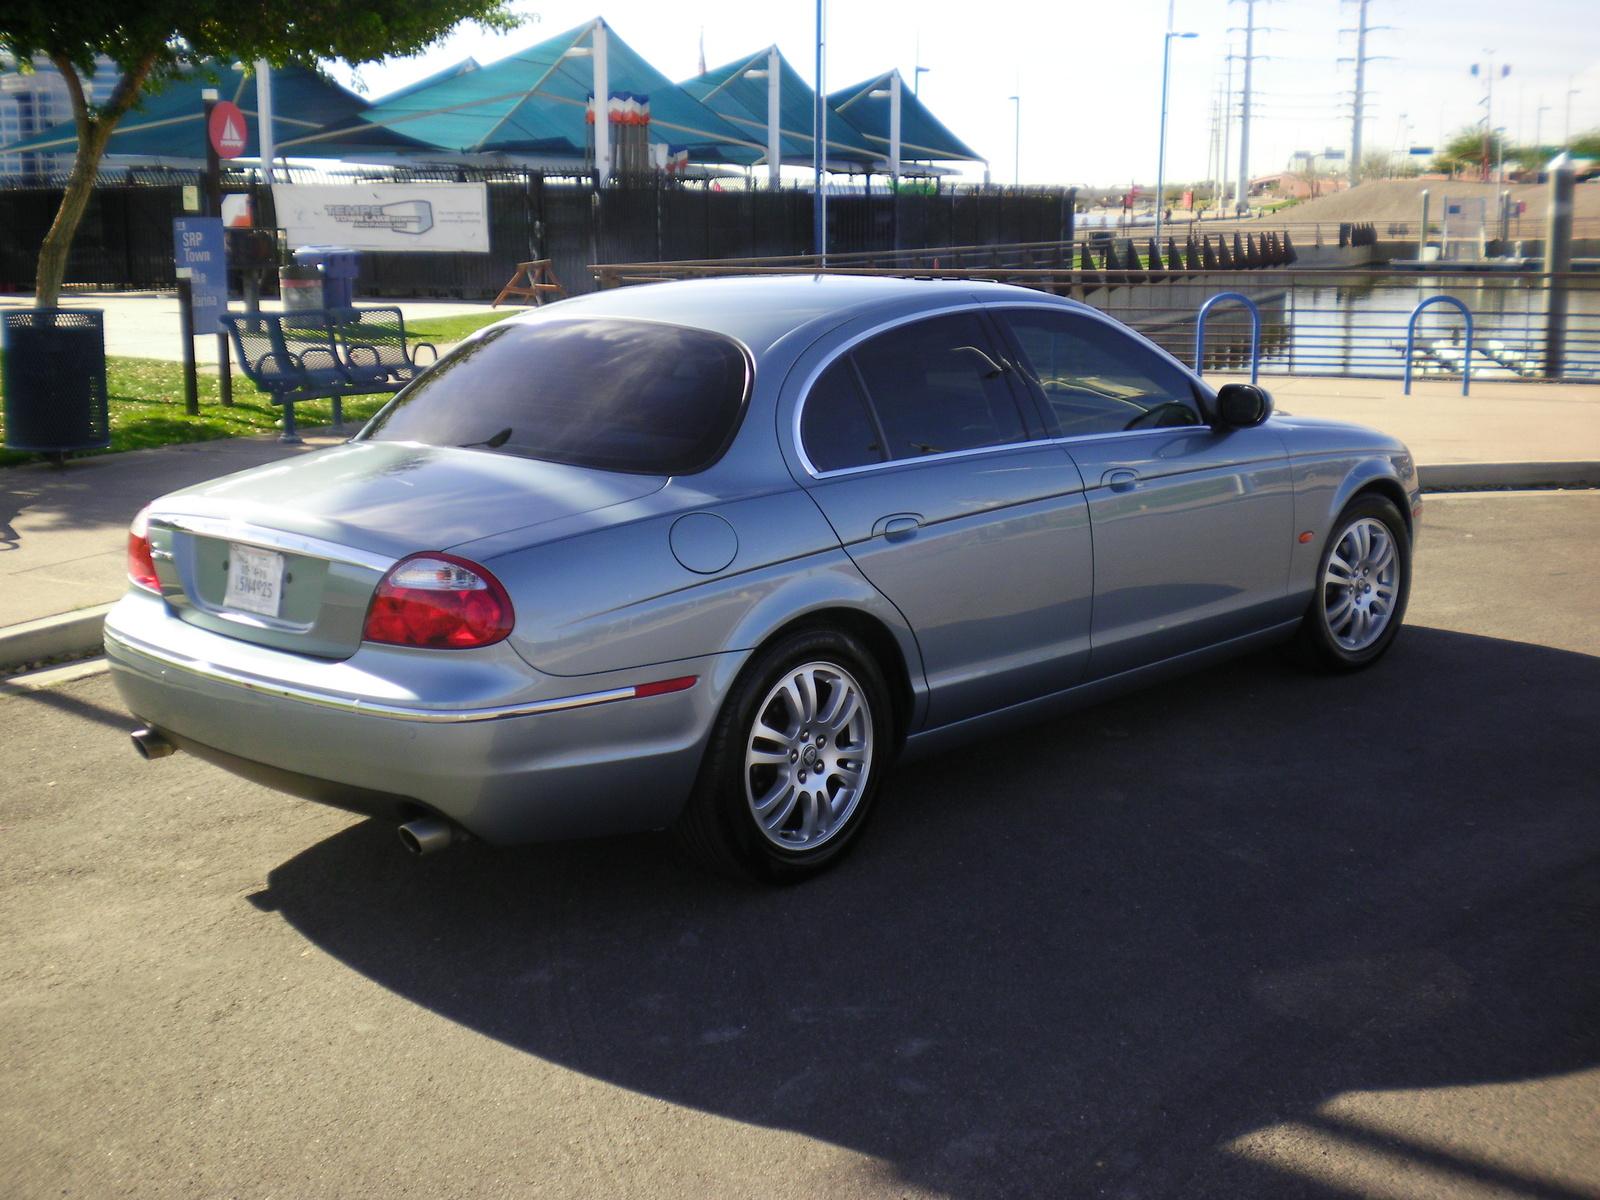 2005 Jaguar S-Type - Pictures - CarGurus